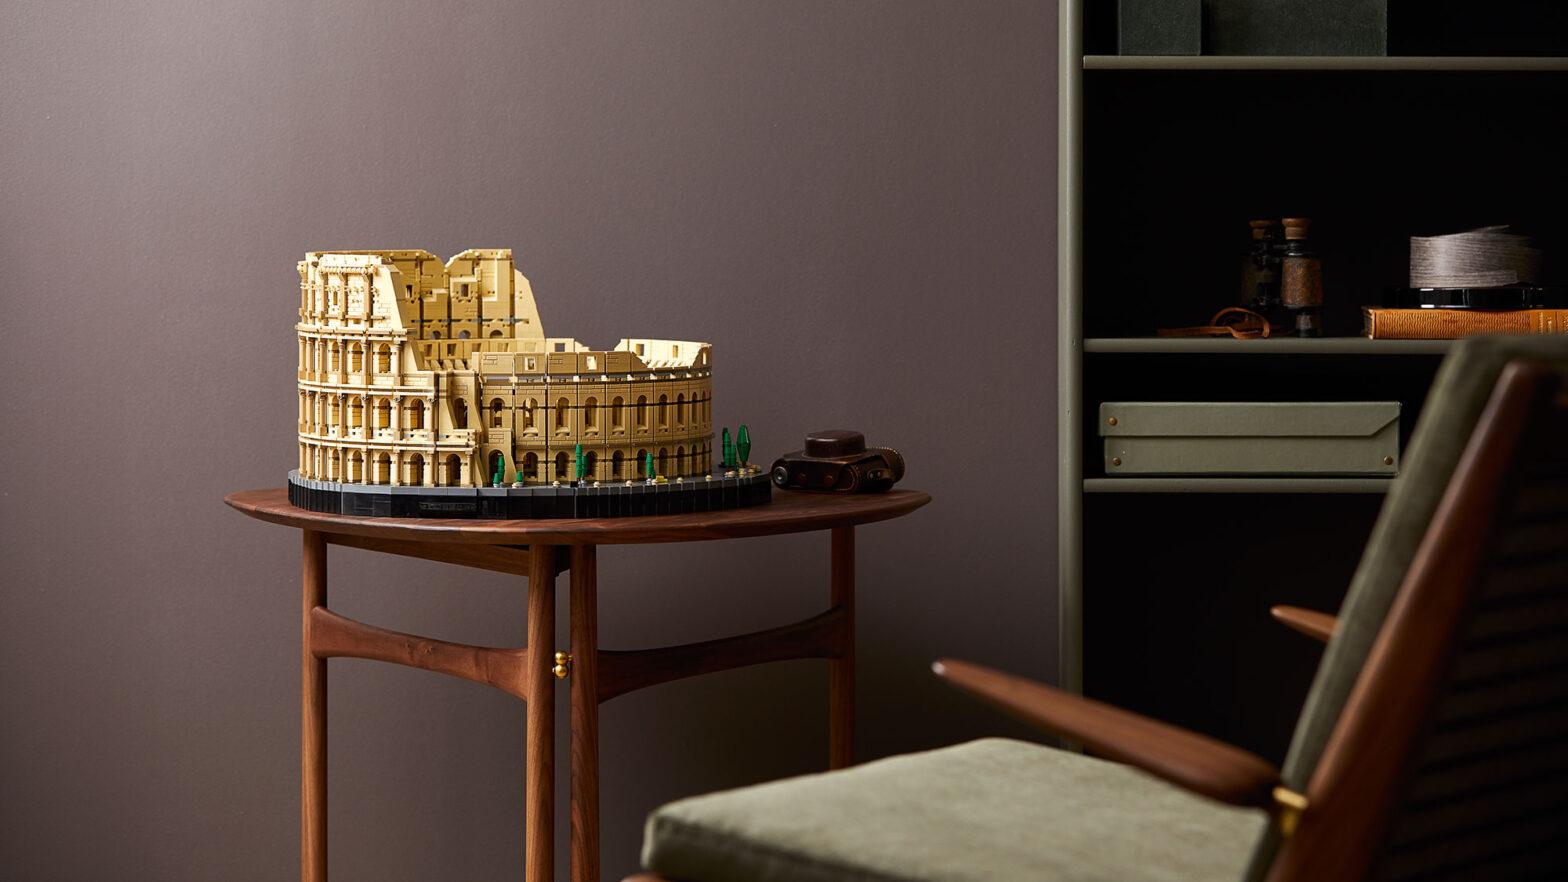 LEGO Colosseum Guinness World Records